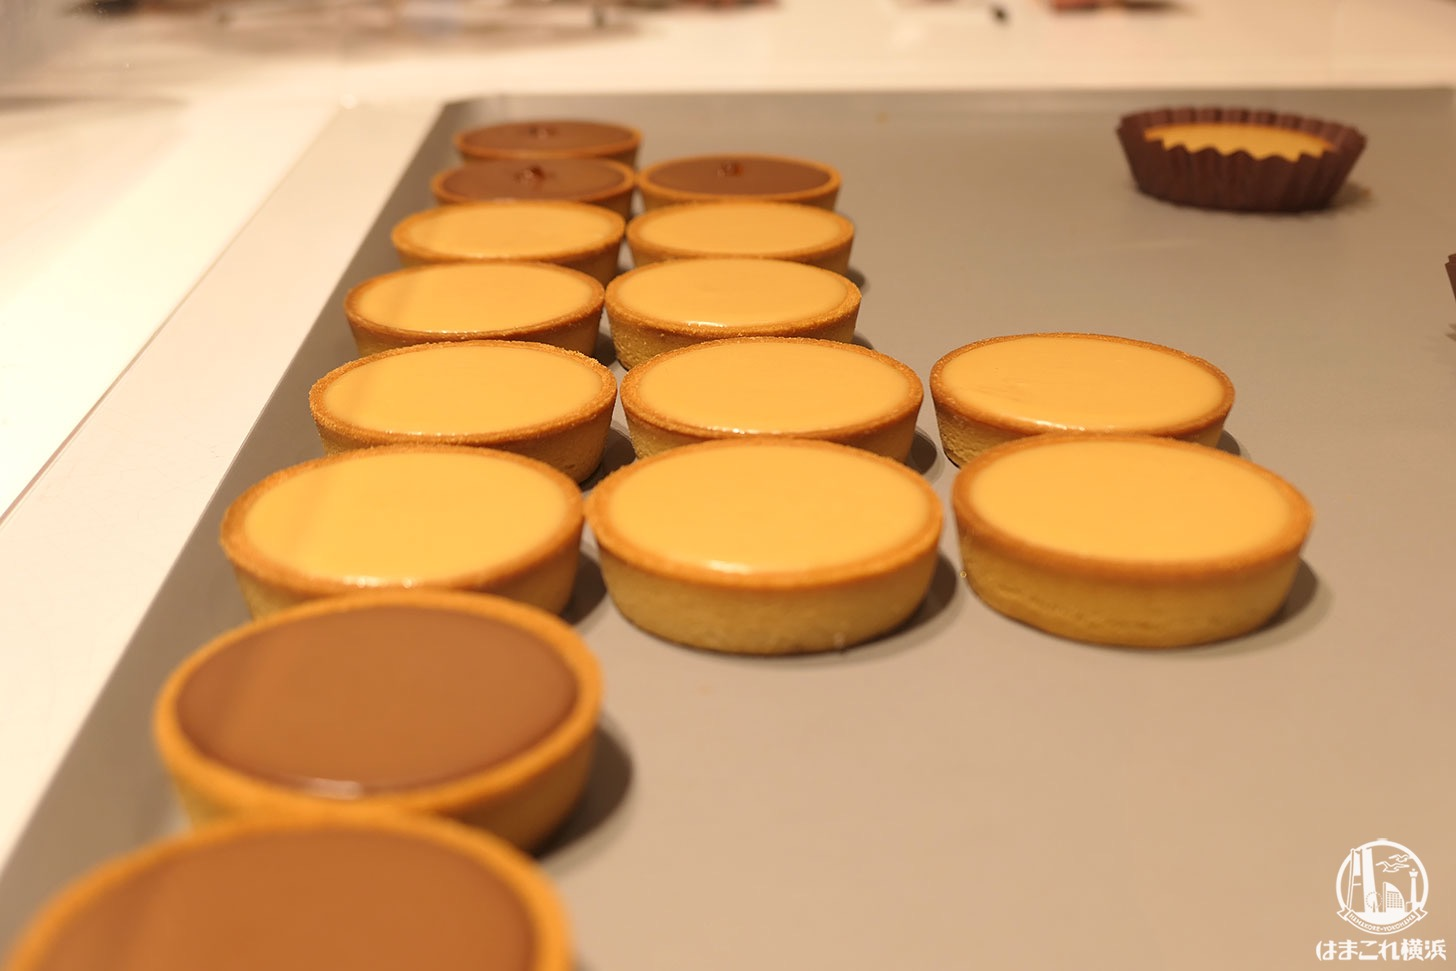 メゾンカカオ ニュウマン横浜店にアロマ生チョコレートやカカオ使ったコスメ、限定商品も